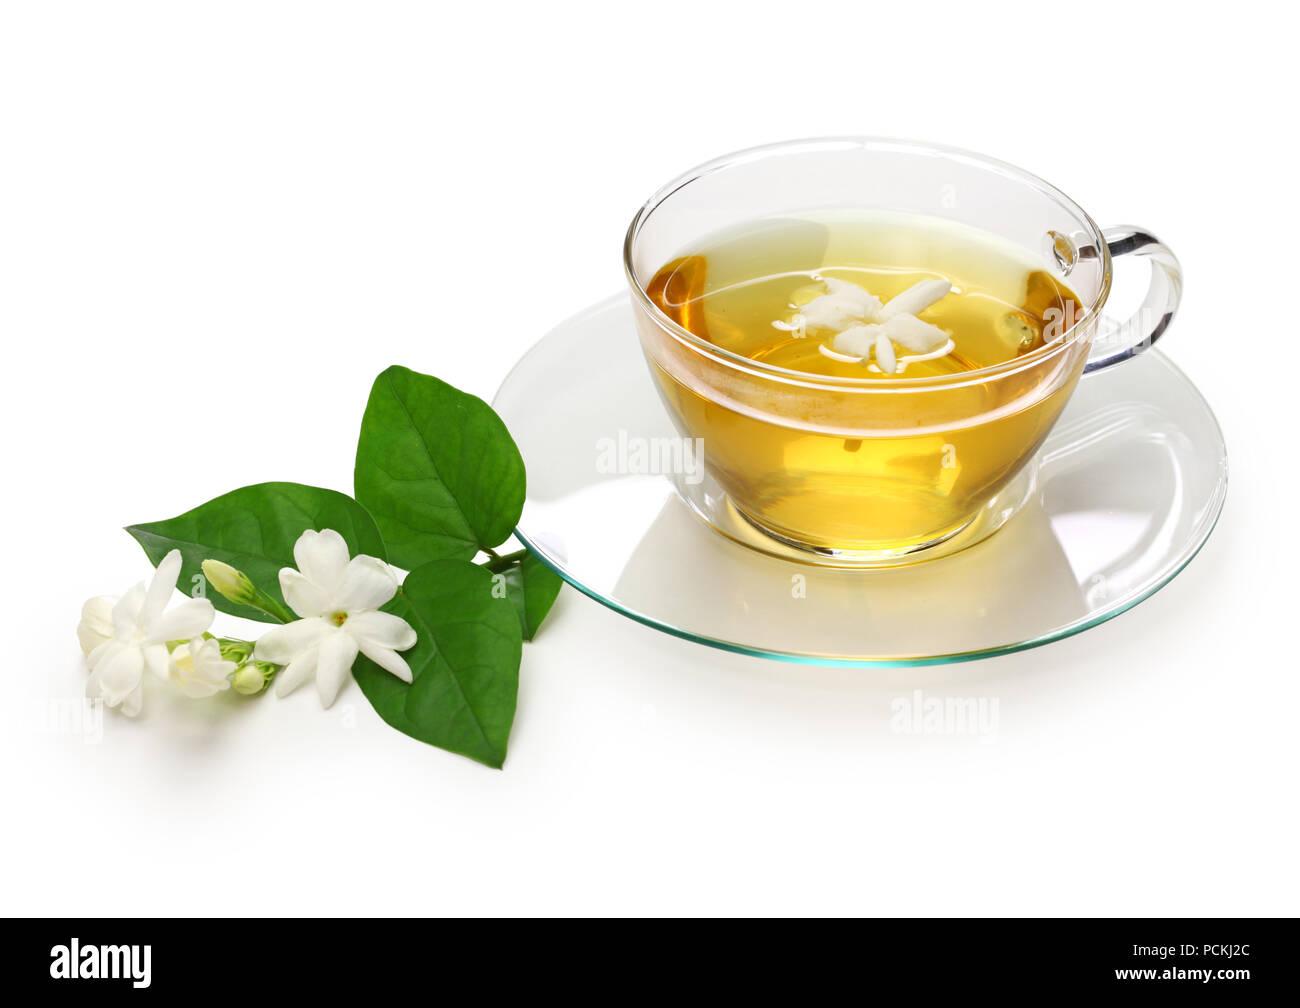 how to make homemade jasmine tea